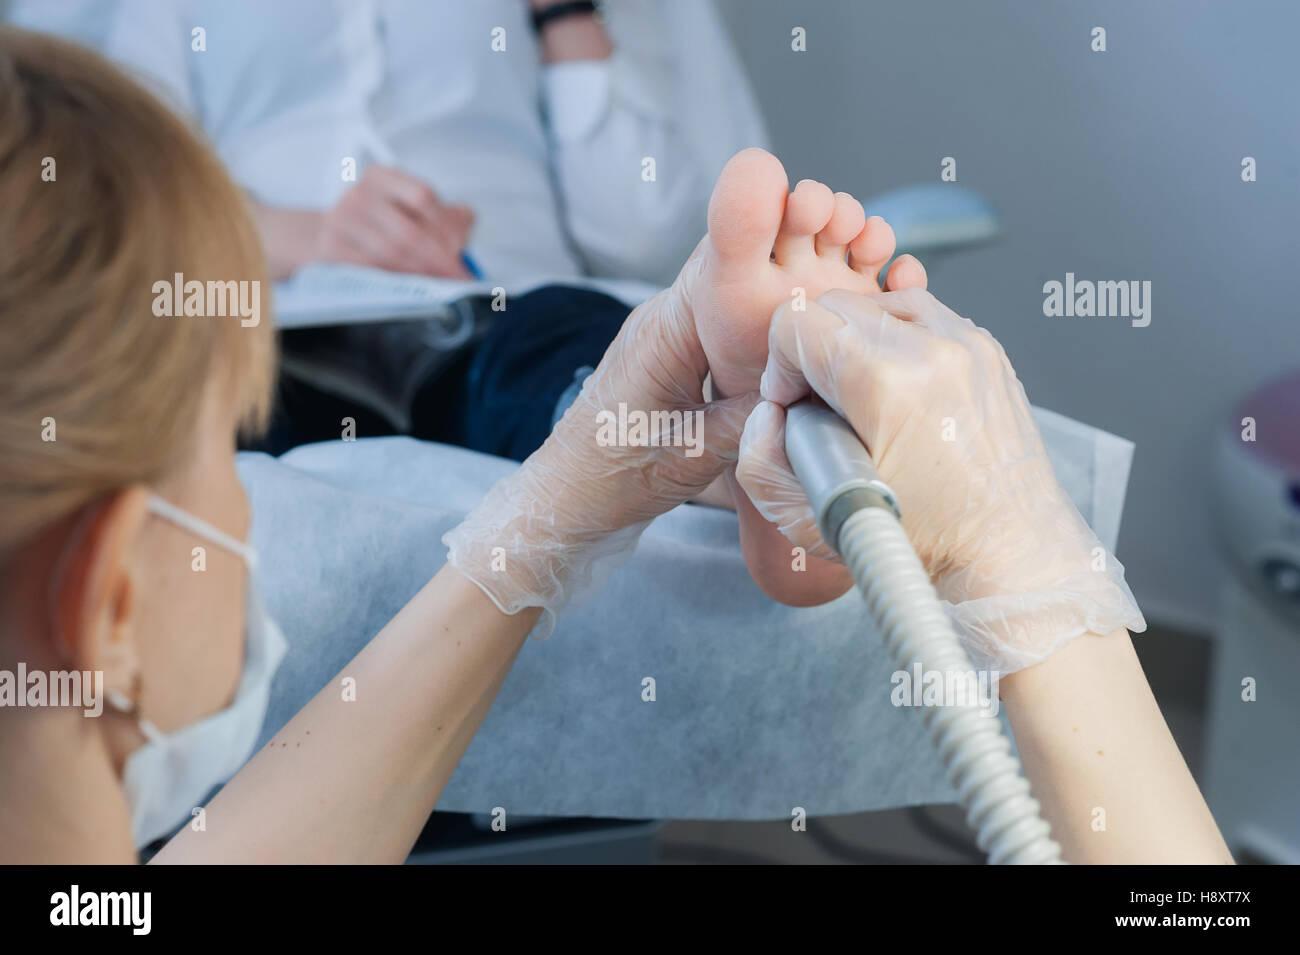 professionelle Nagel Techniker Schleifen Nägel mit Maschine Stockbild